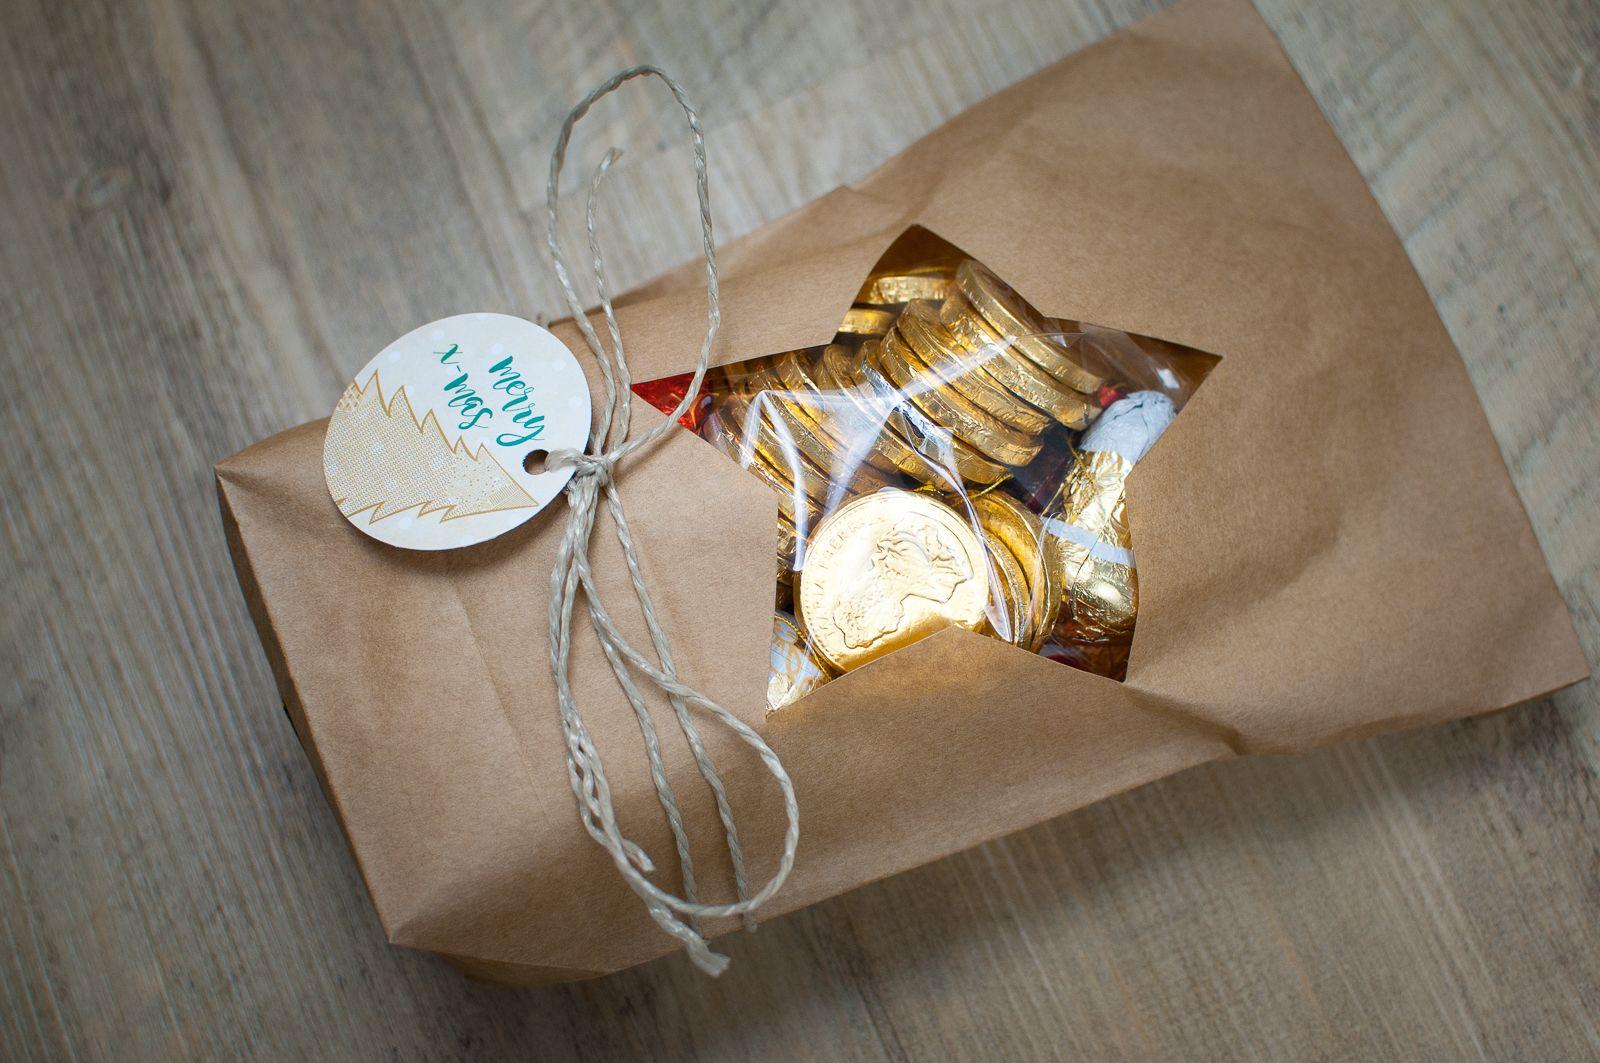 Du Suchst Noch Eine Tolle Verpackung Für Kekse Schokolade